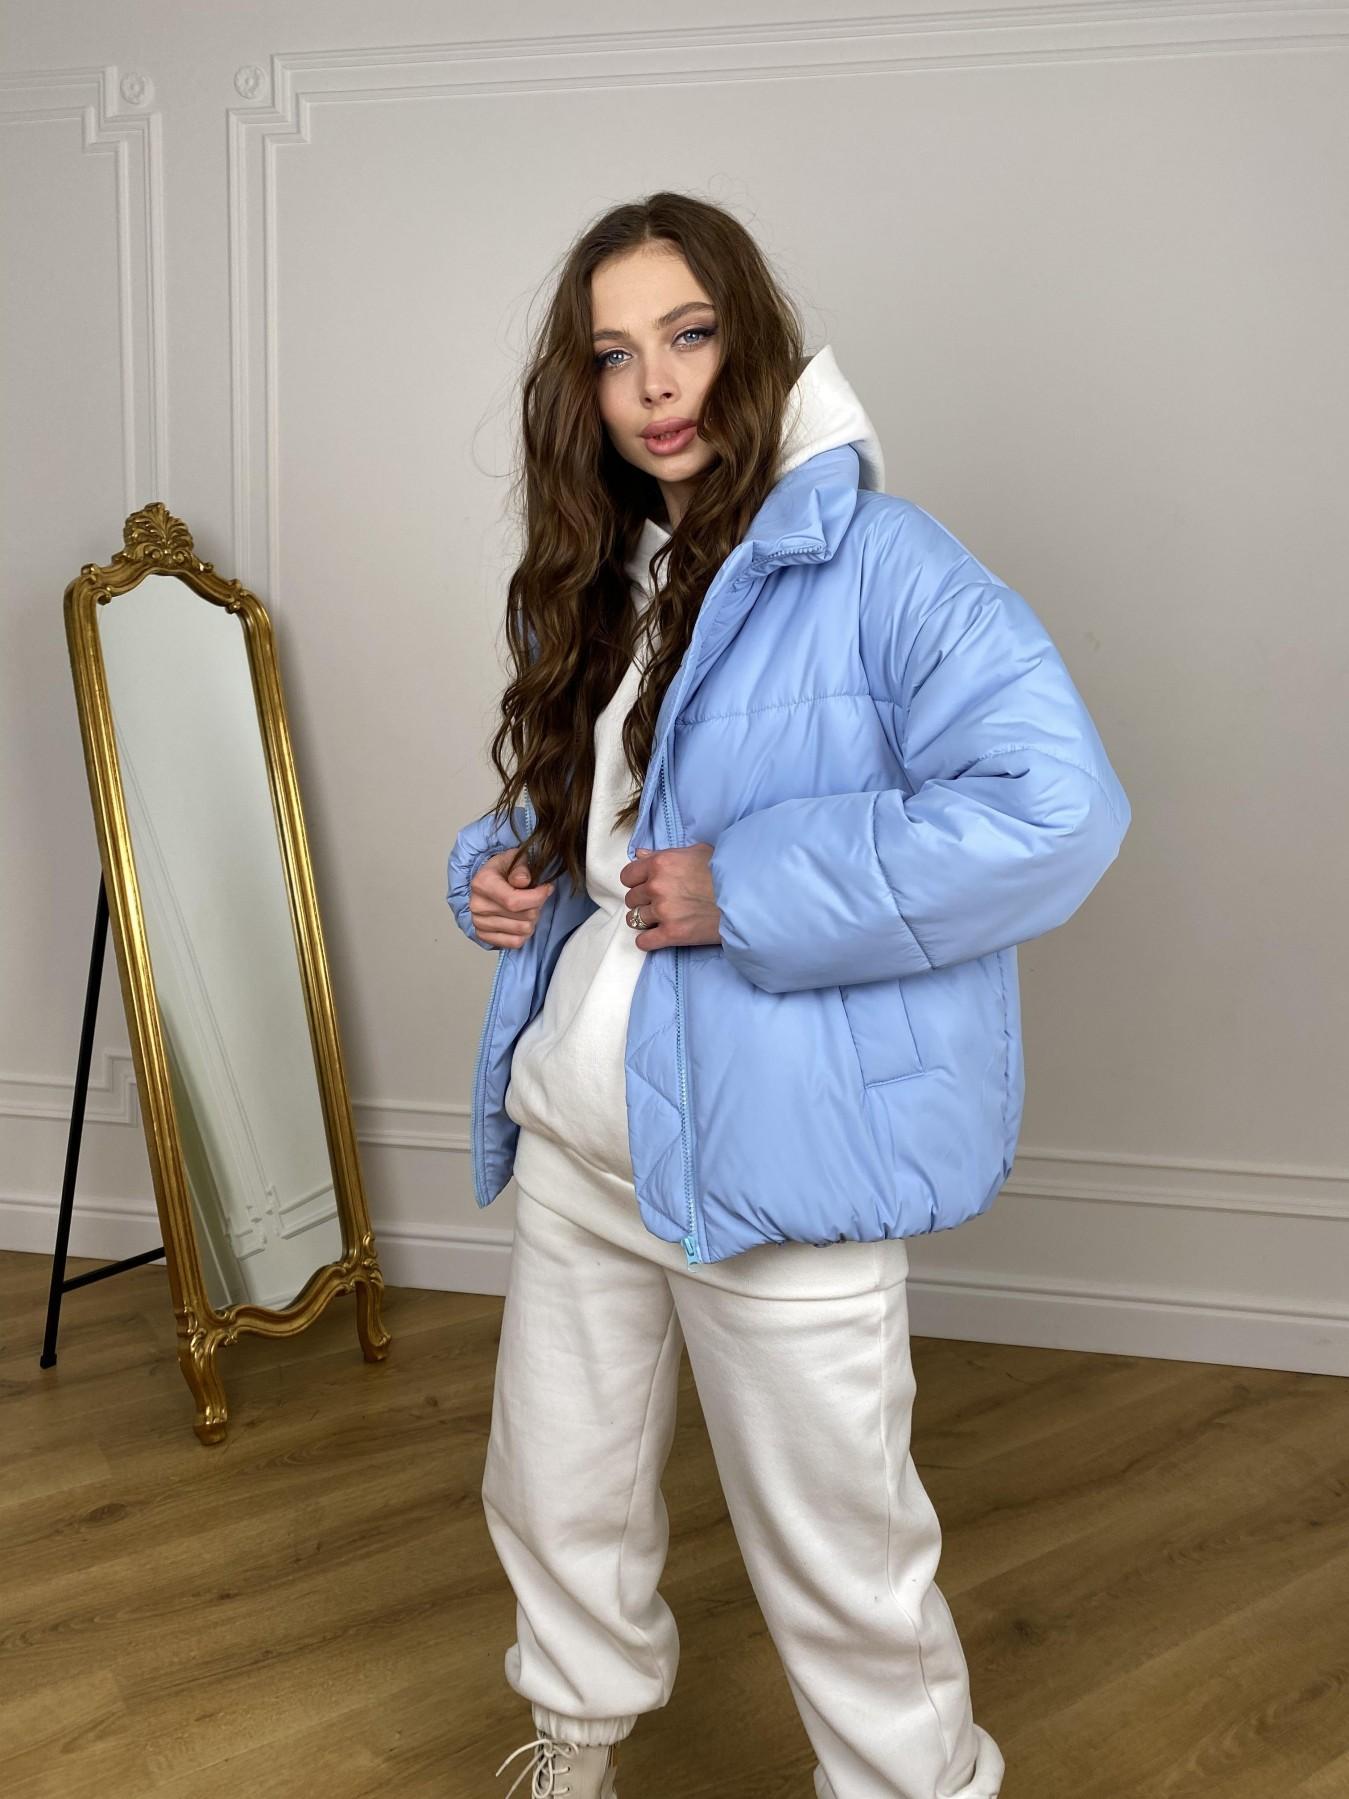 Муд куртка из плащевой ткани 10509 АРТ. 46916 Цвет: Голубой - фото 3, интернет магазин tm-modus.ru